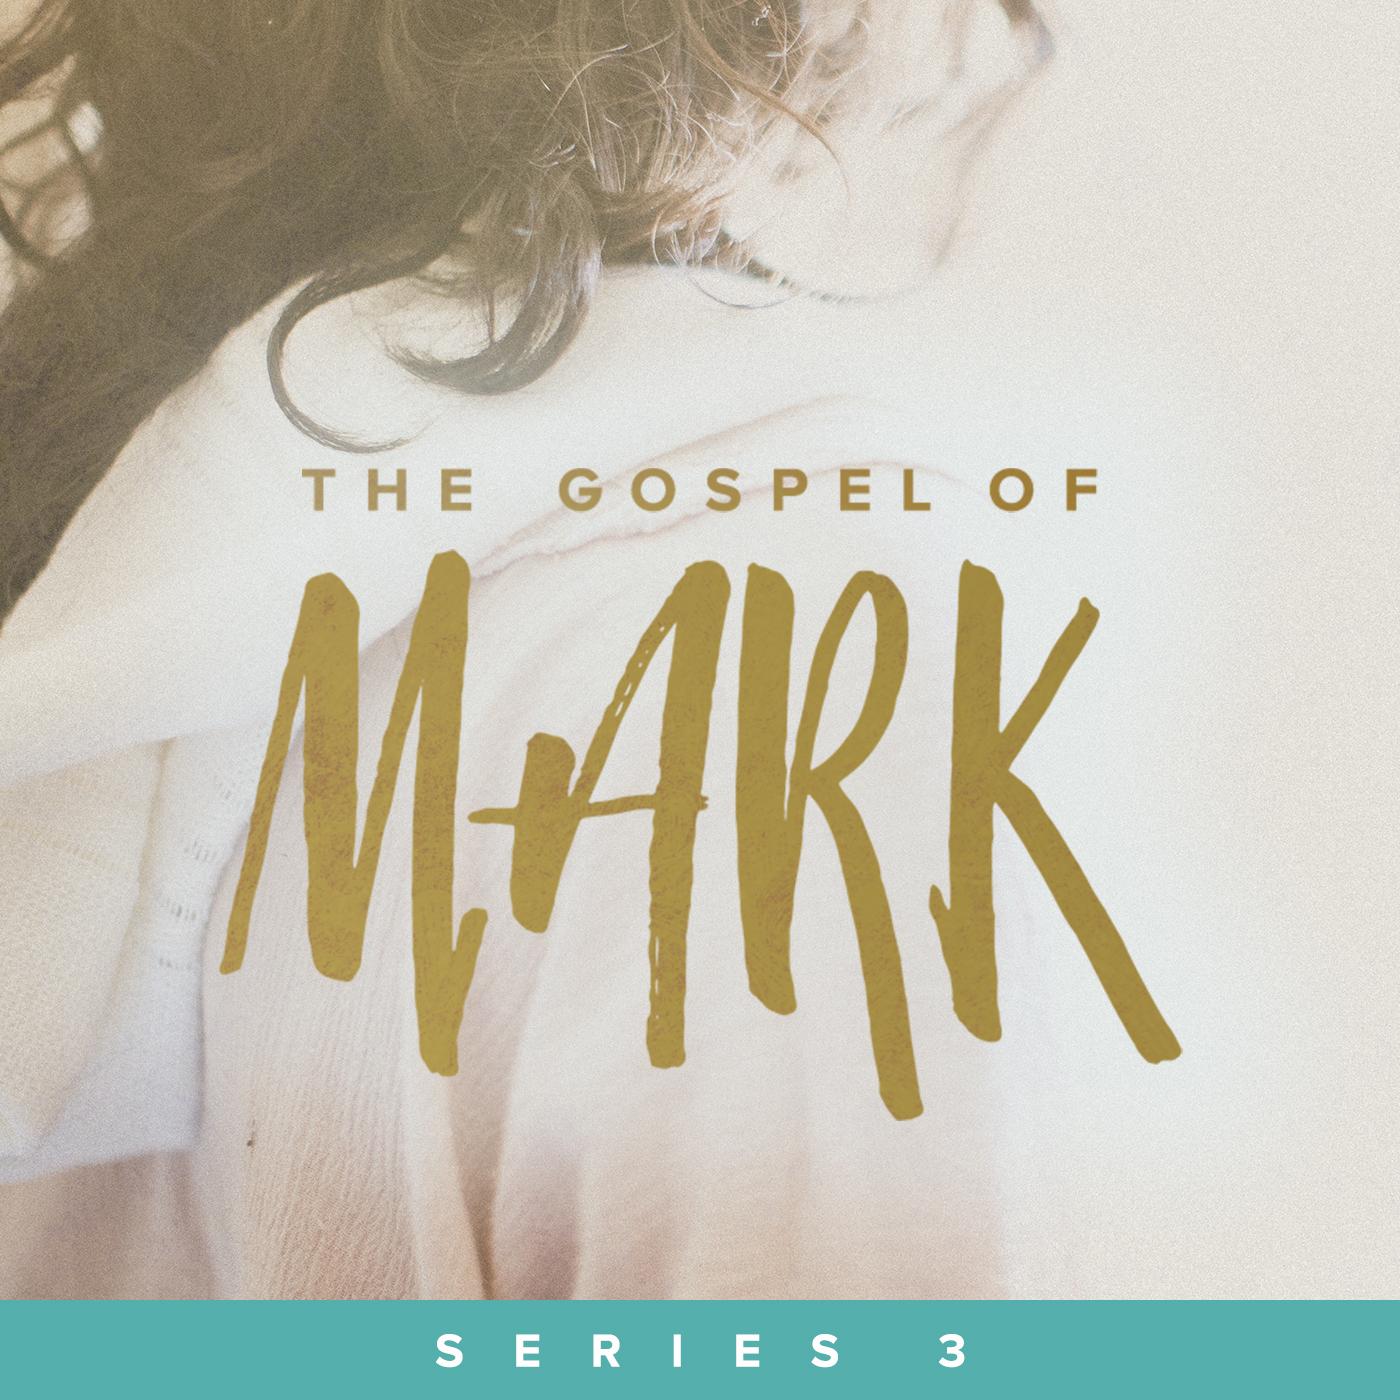 The Gospel of Mark: Series 3